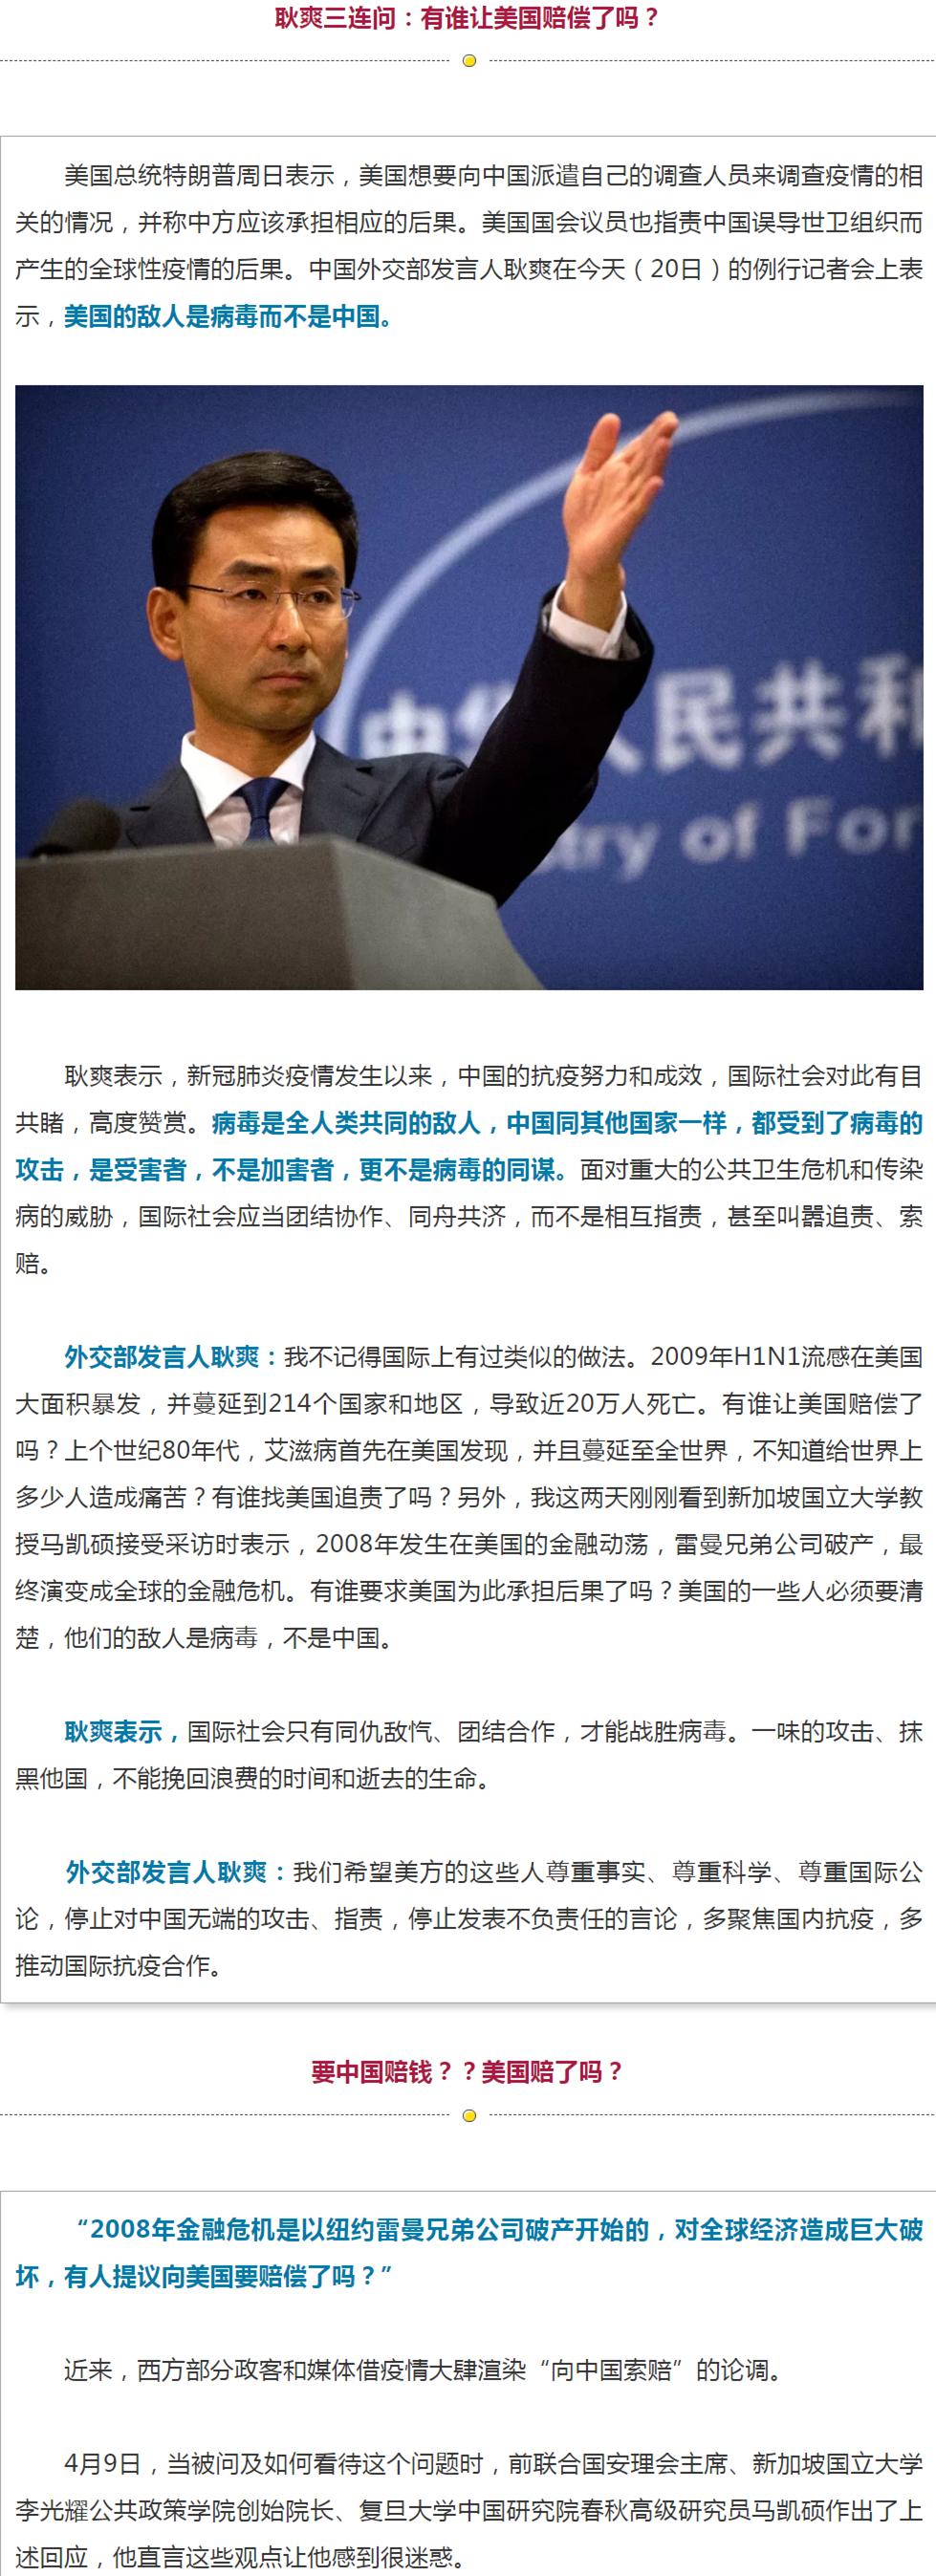 【聚焦】美方要求中国为疫情赔偿?耿爽重磅三连问!_副本.png